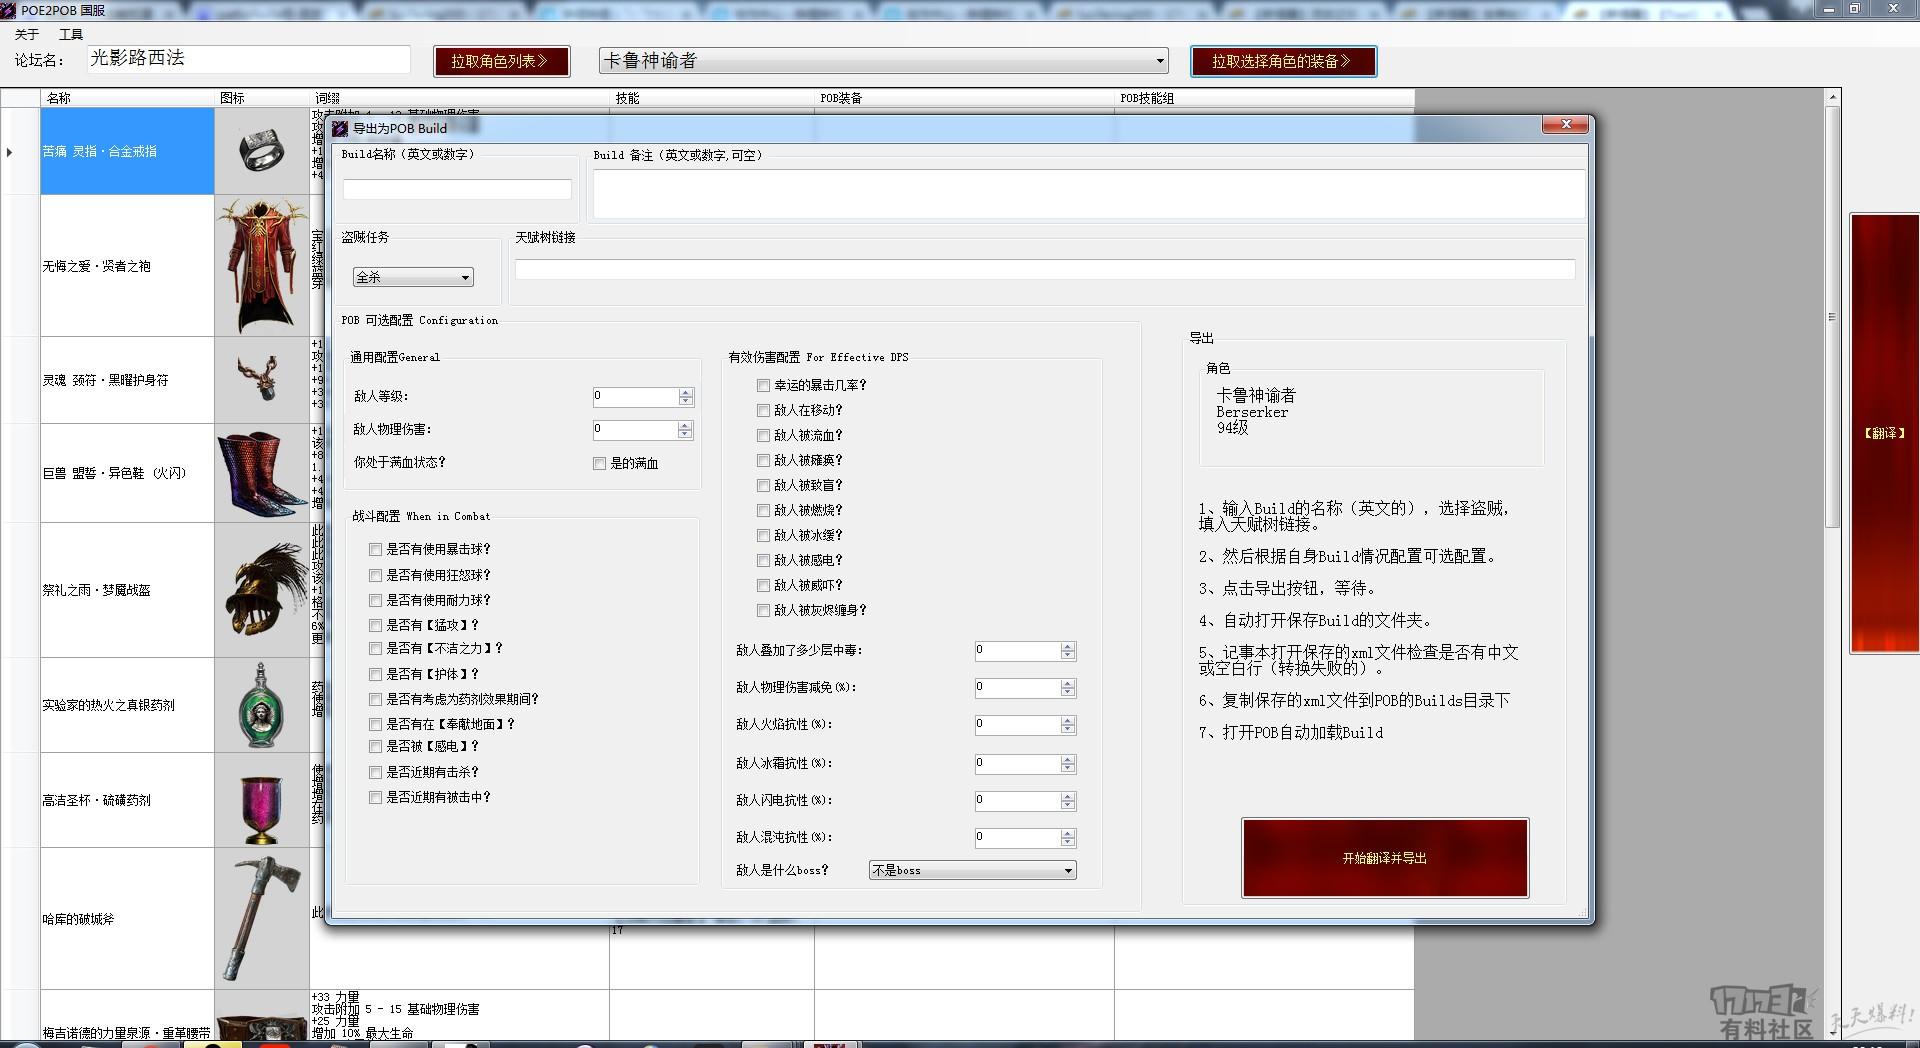 【Tool】国服角色信息拉取-翻译&导出为POB物品-3.2.0.5